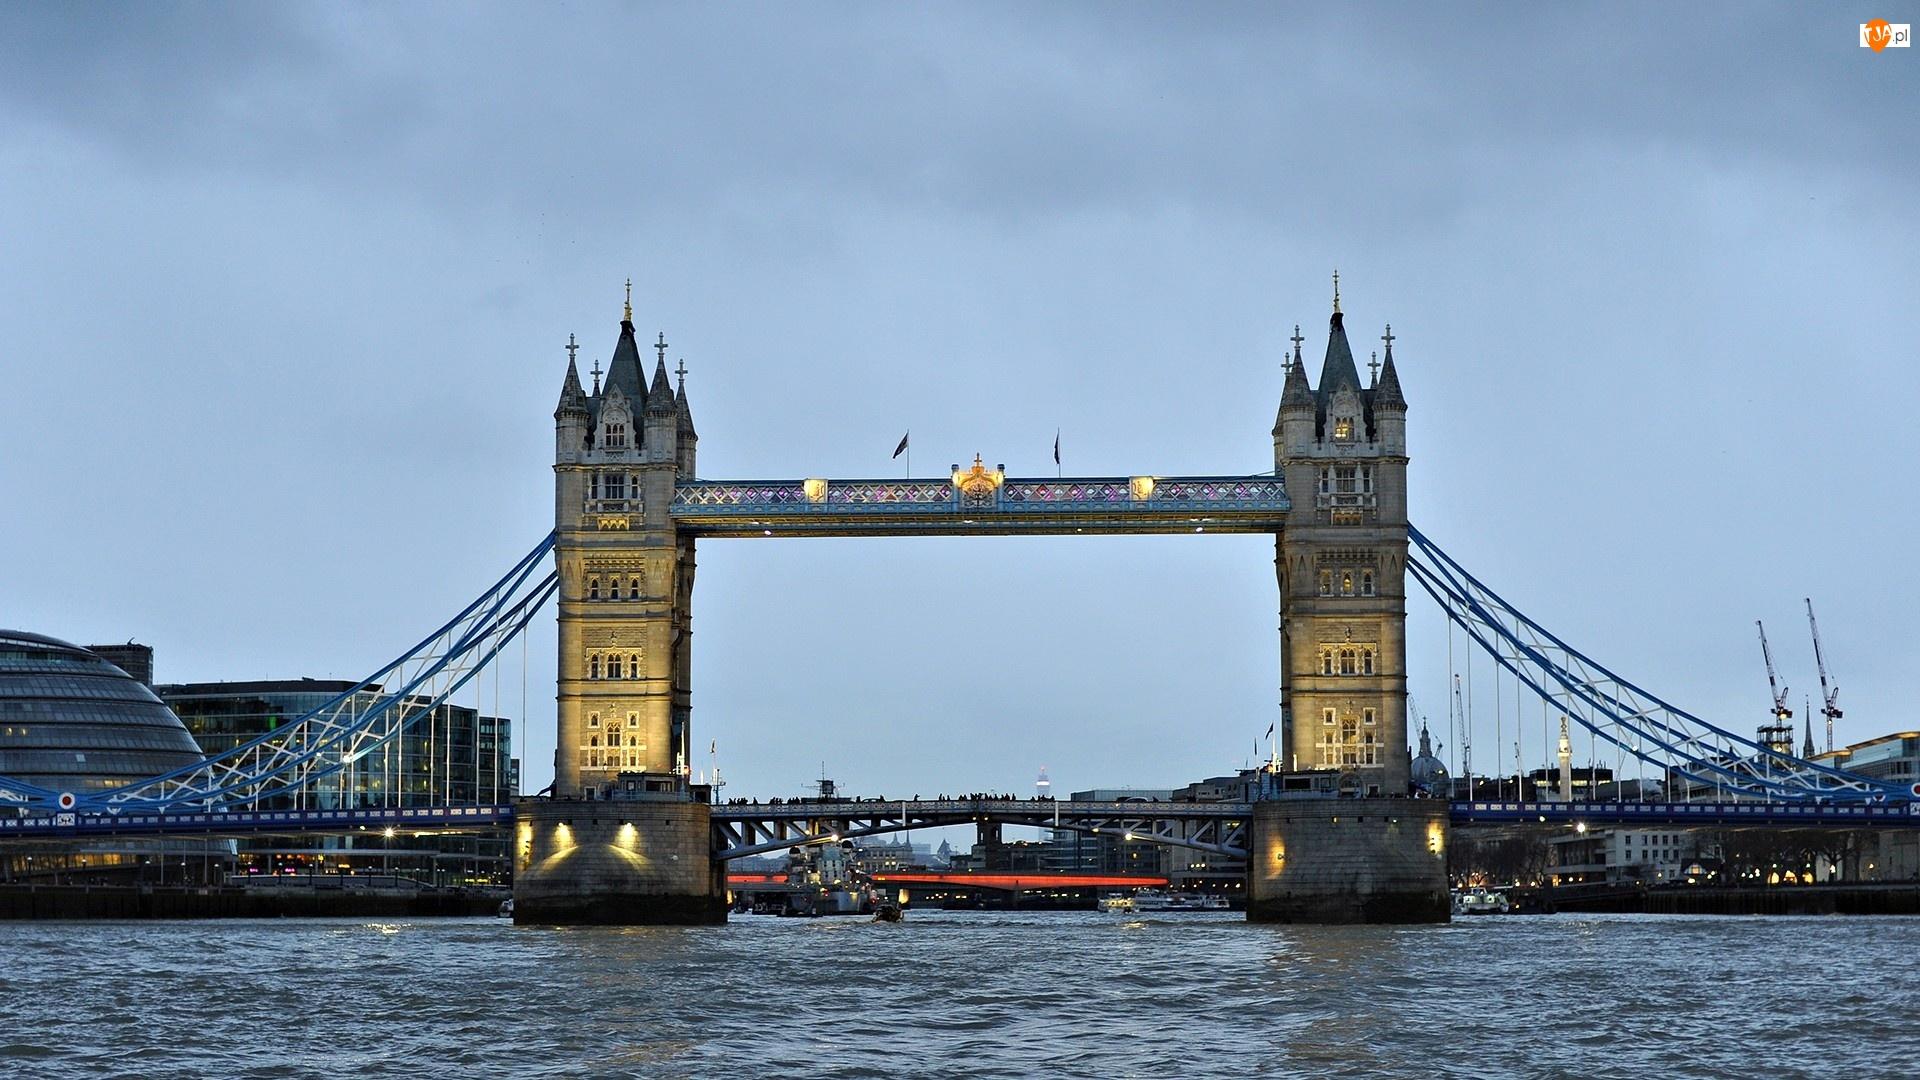 Woda, Wielki, Most